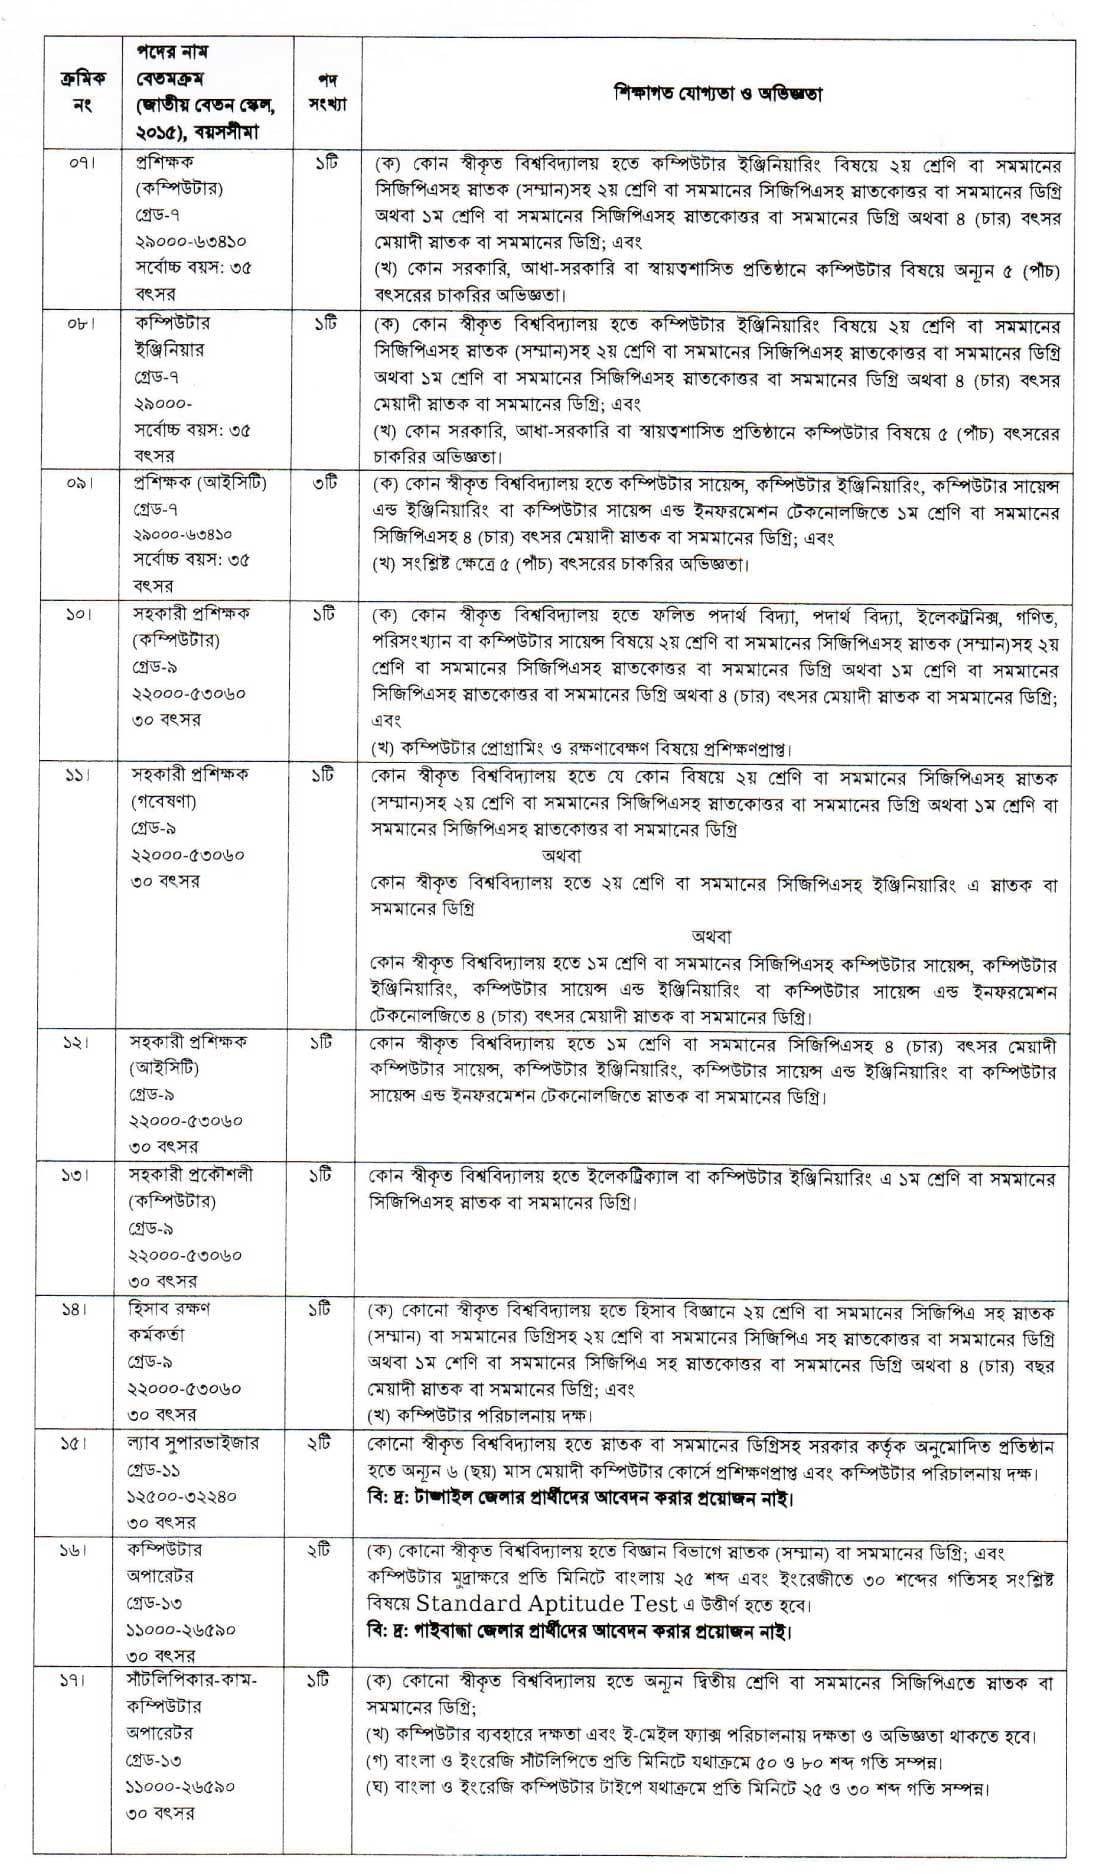 NACTAR Job Circular 2021